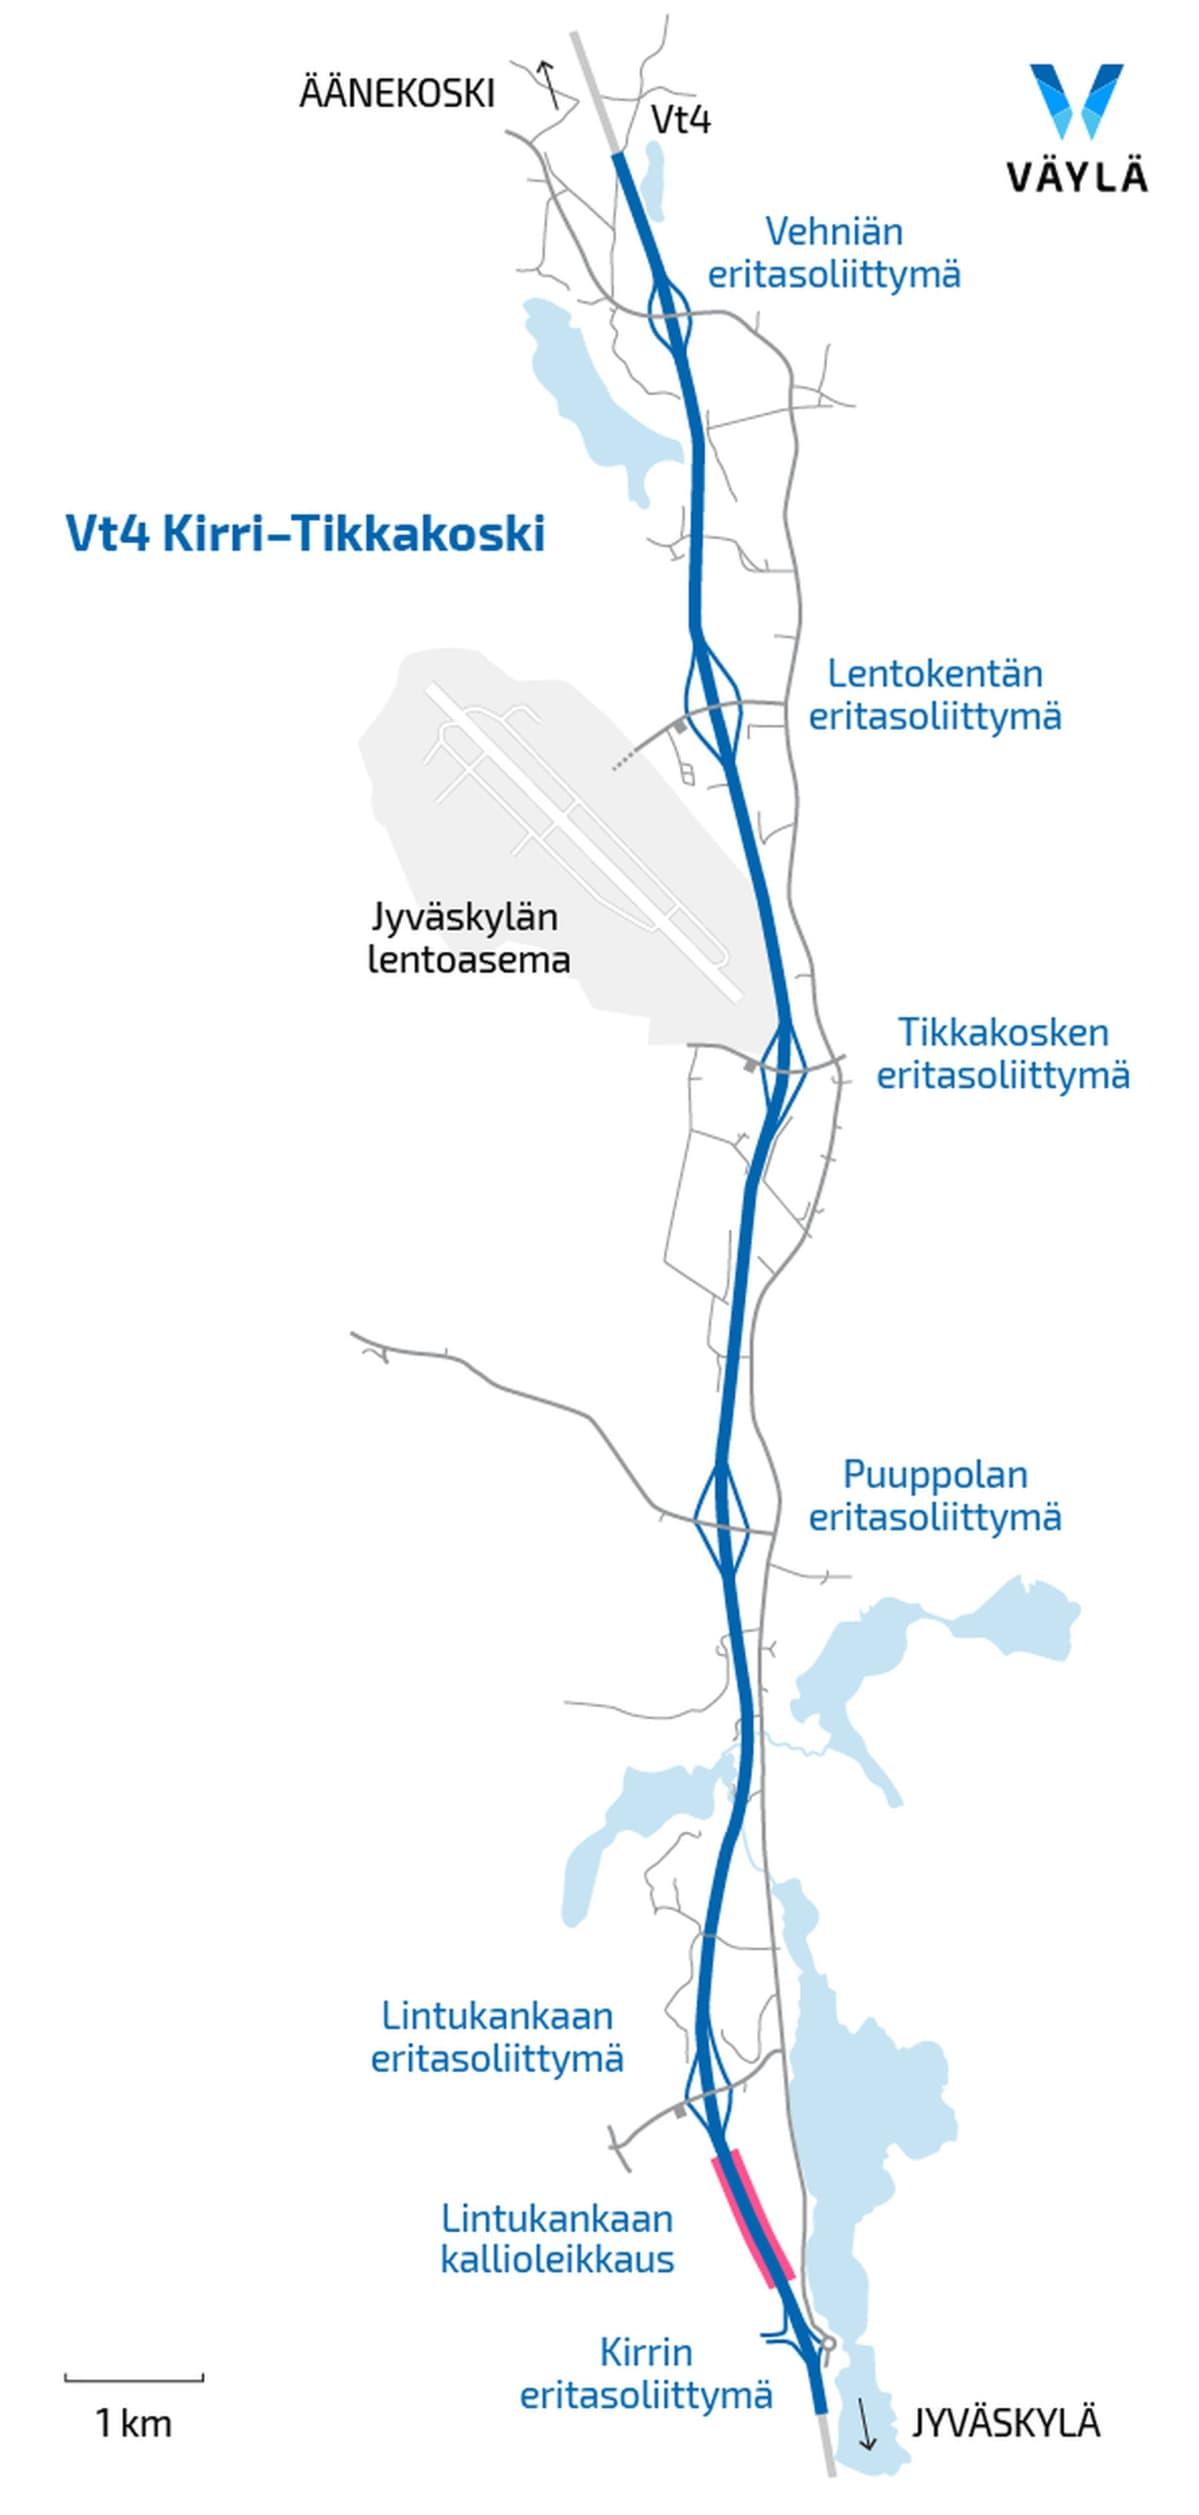 Kirri-Tikkakoski-Vehniä -moottoritieurakan kartta Nelostiellä Jyväskylän pohjoispuolella.